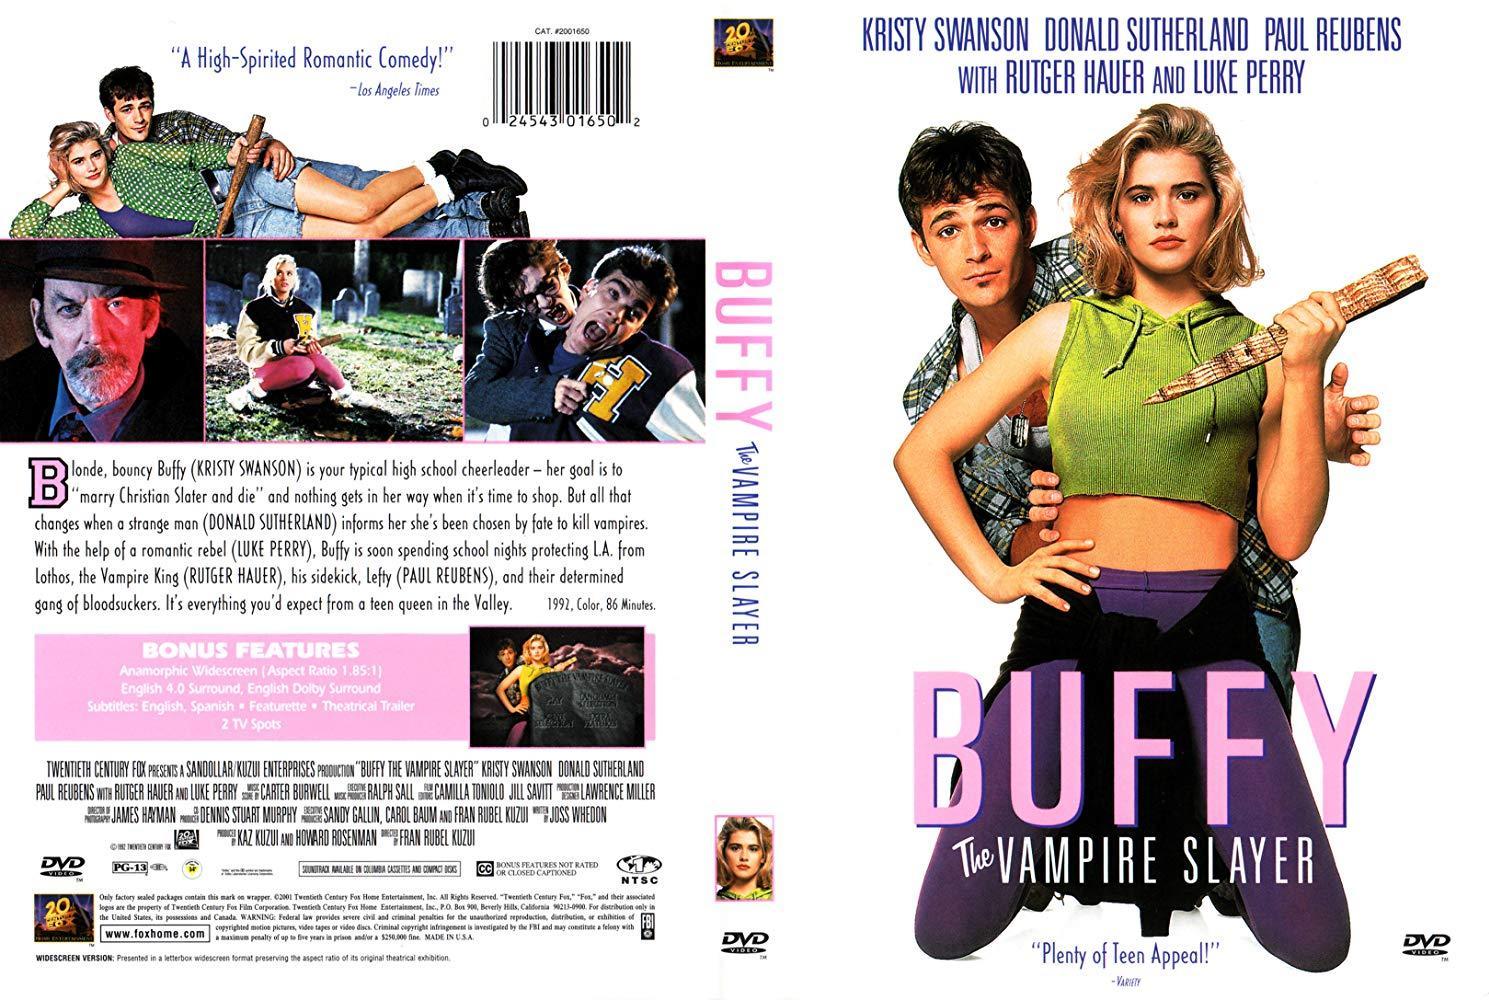 مشاهدة فيلم Buffy The Vampire Slayer 1992 HD مترجم كامل اون لاين